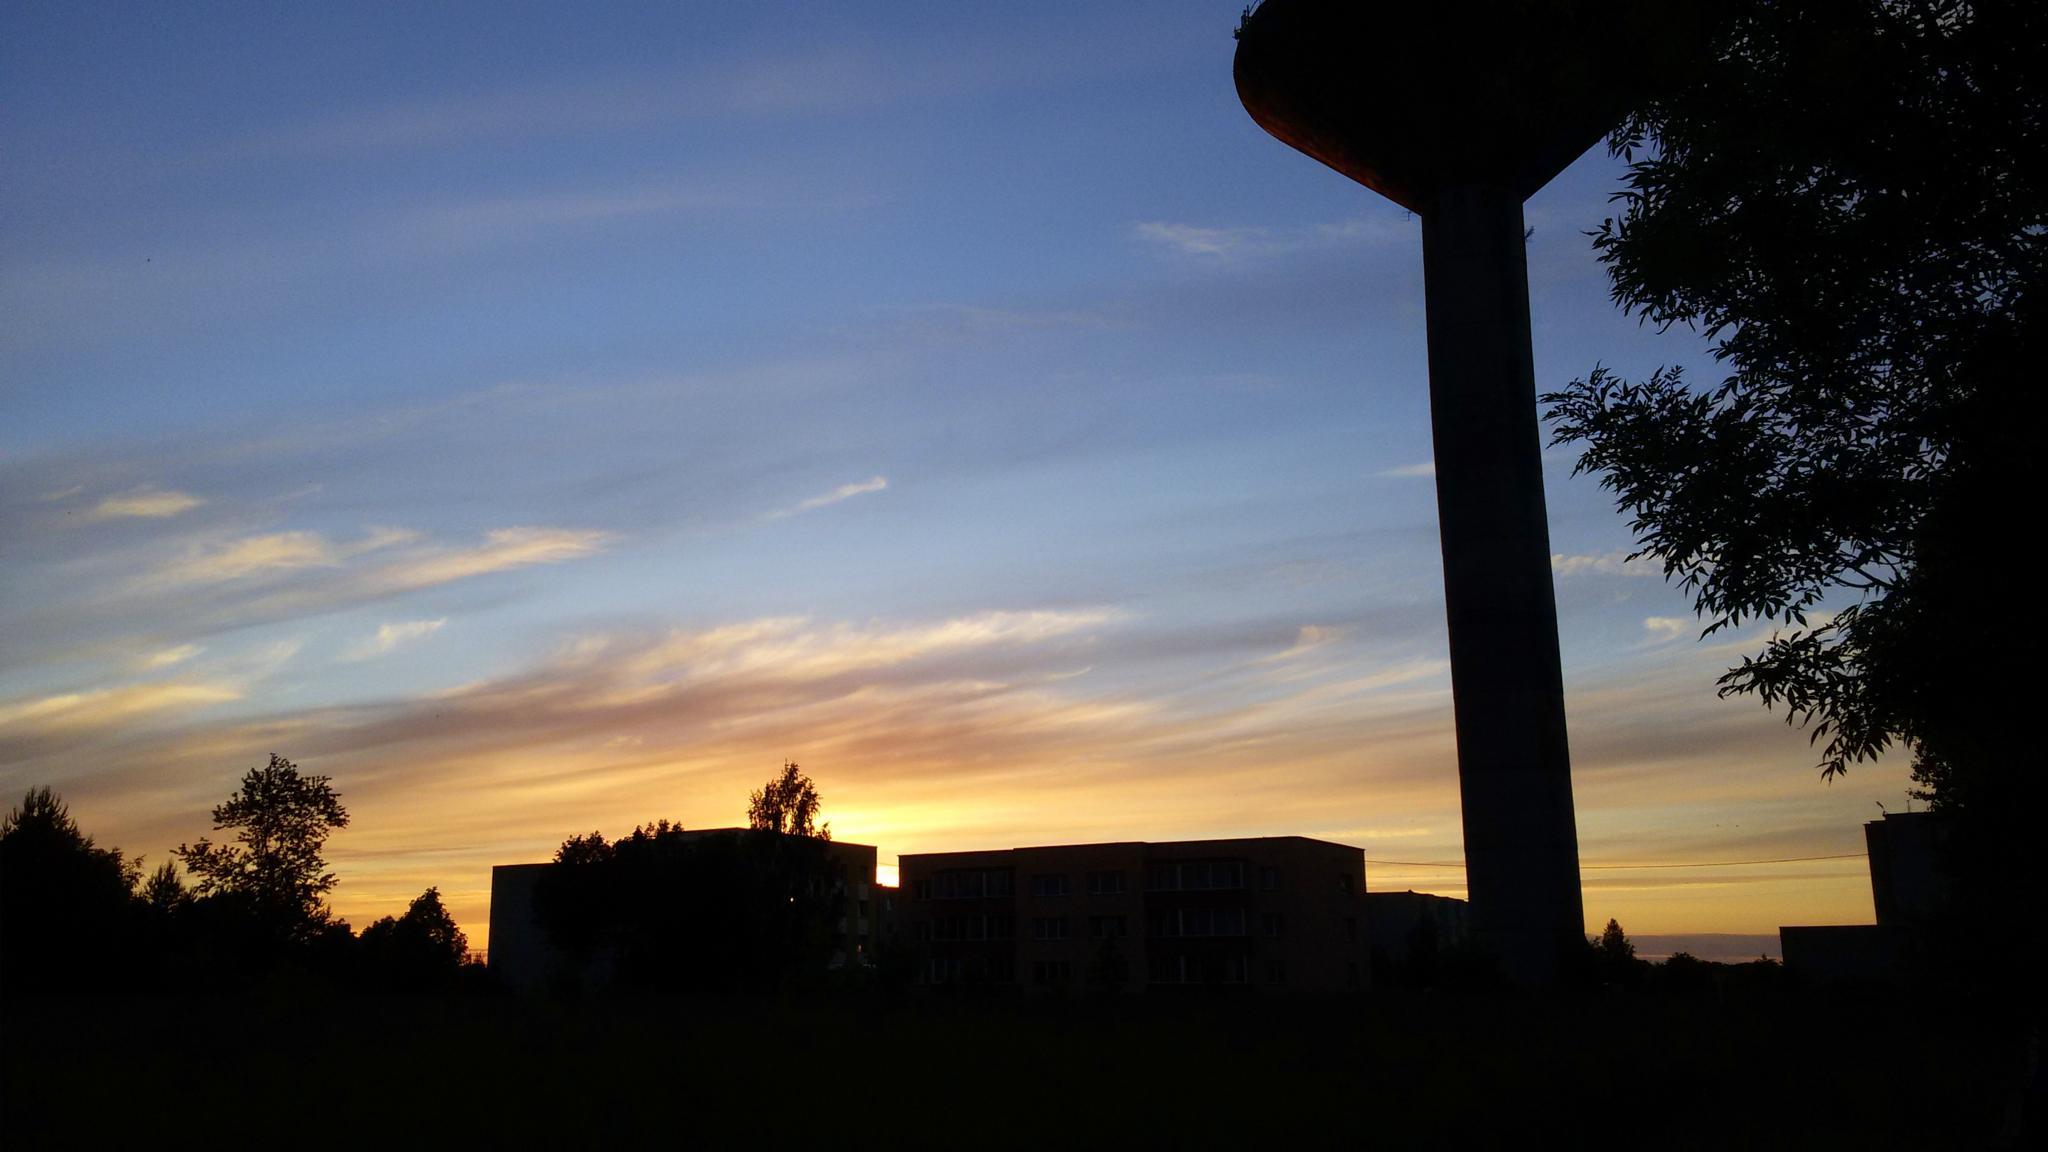 Sunset sky by Zita Užkuraitienė